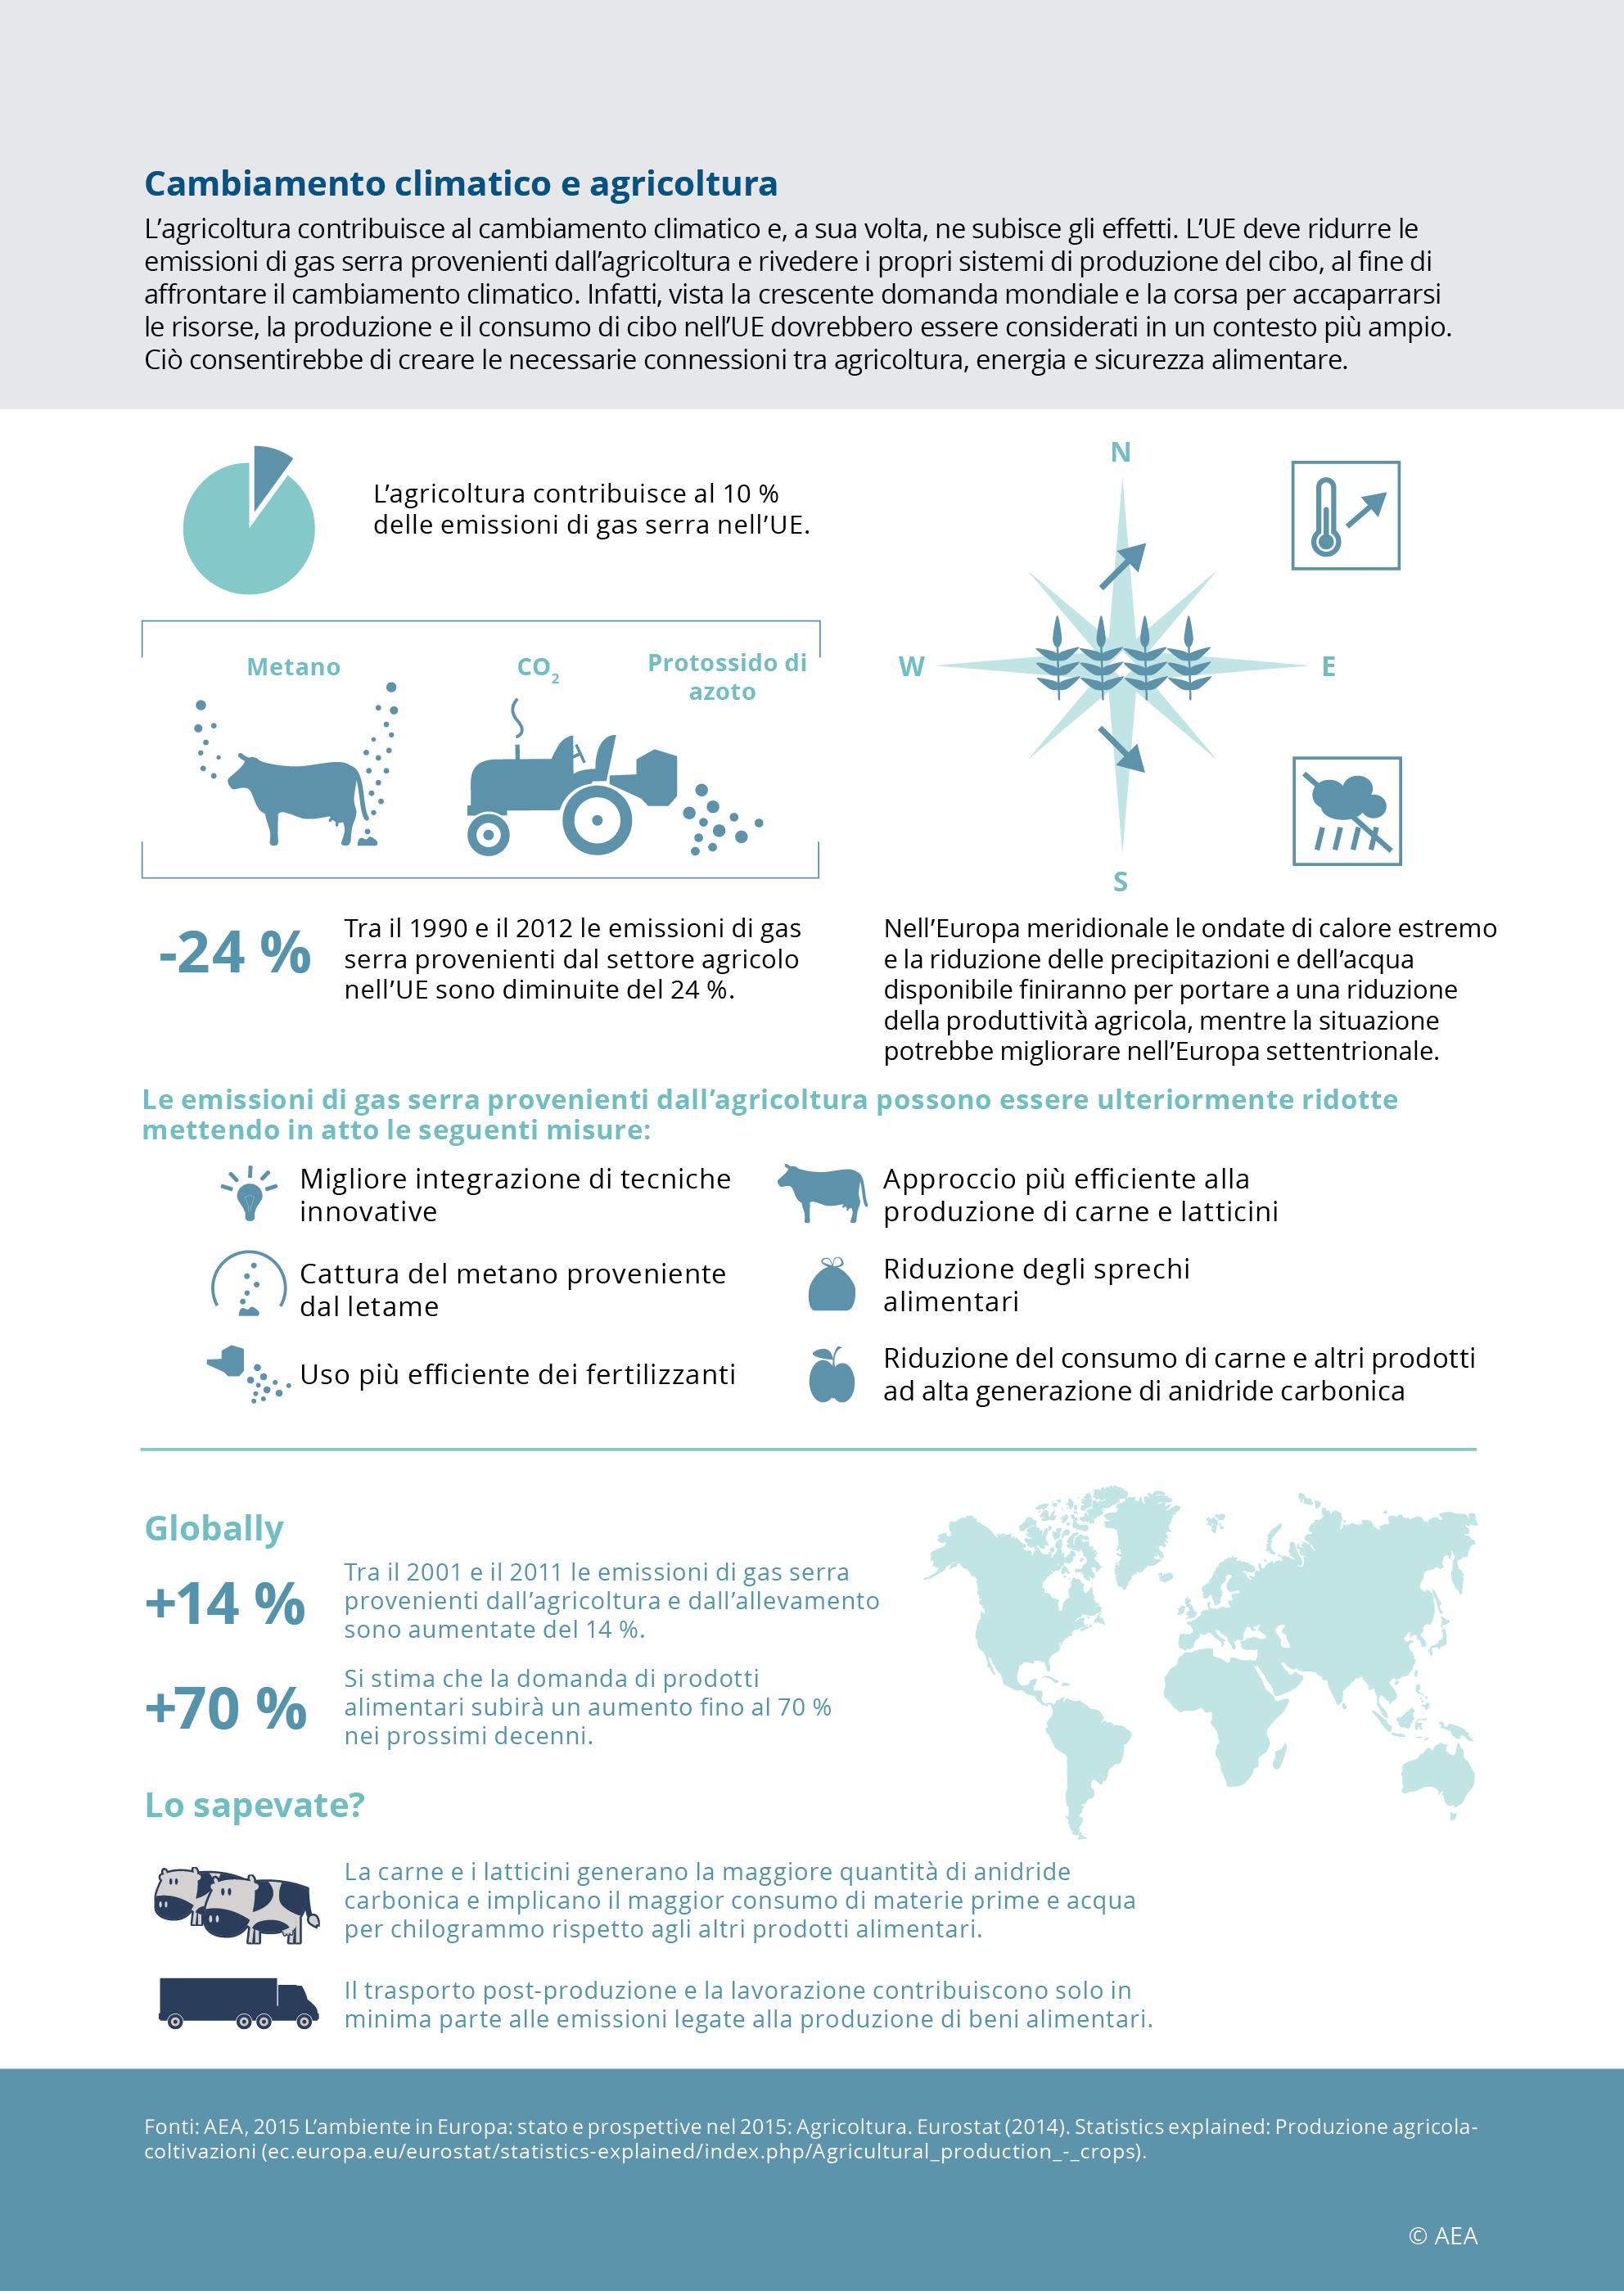 Cambiamento climatico e agricoltura